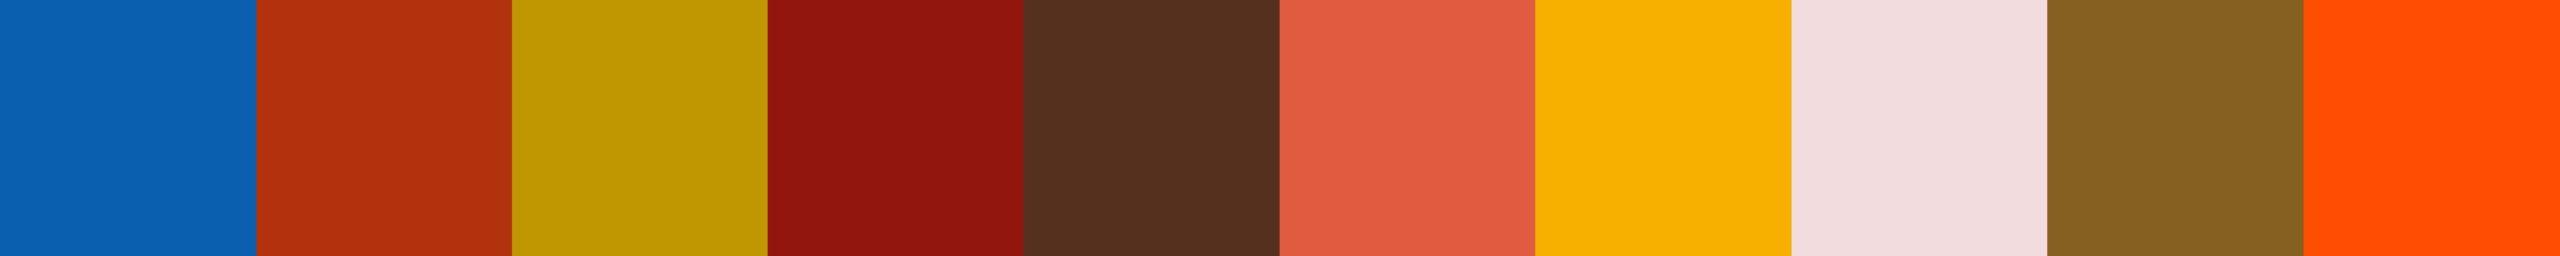 233 Salazoo Color Palette